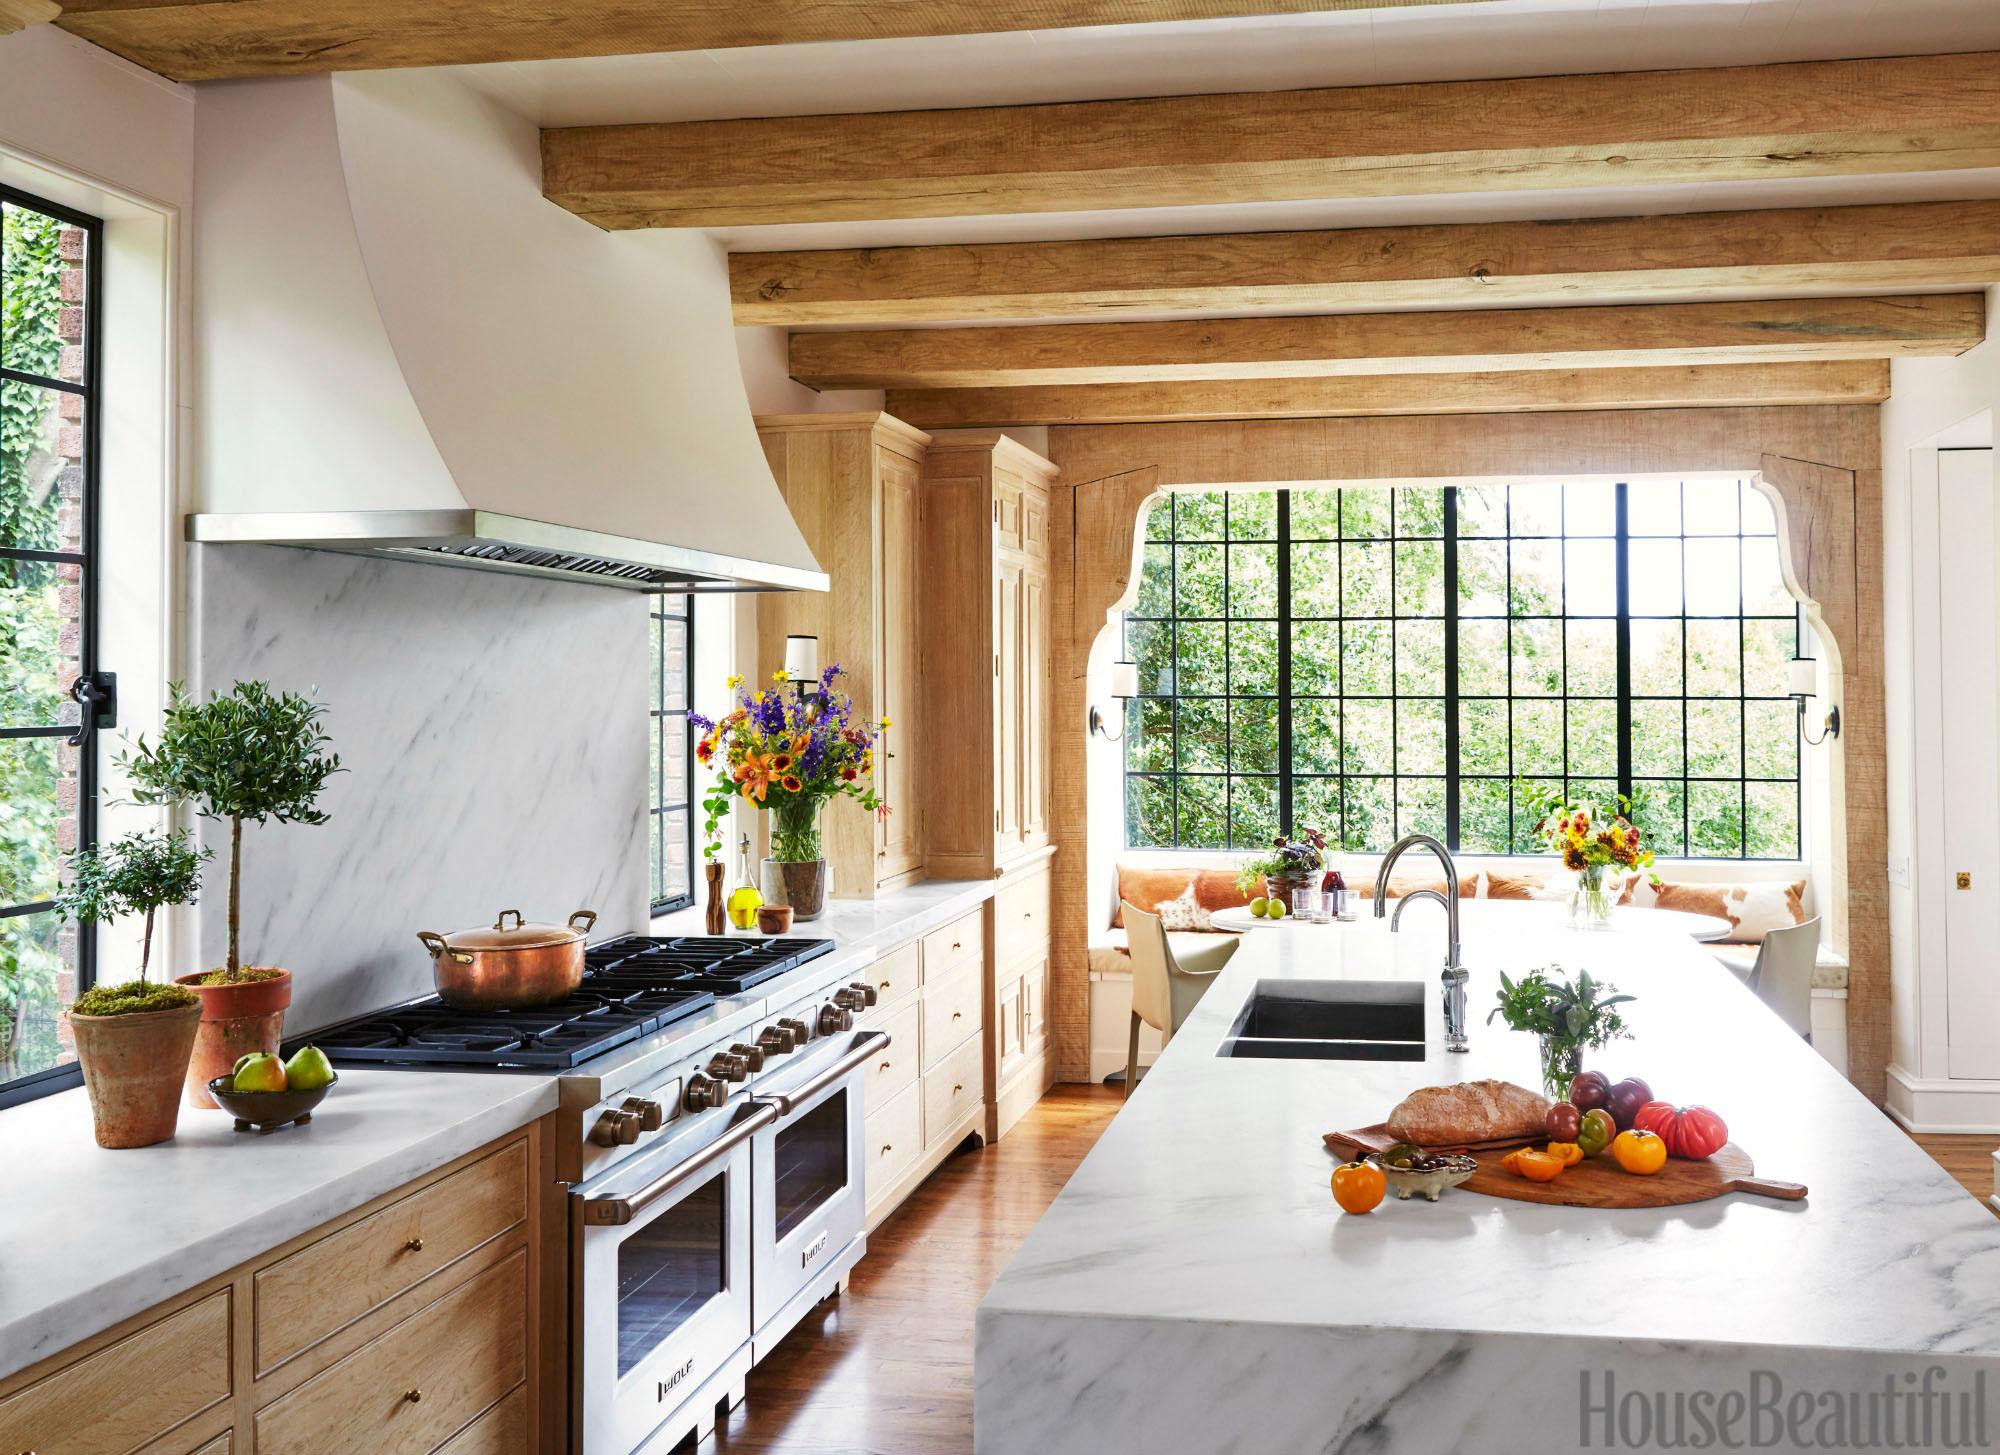 Kitchen Ideas And Designs white kitchen cabinets cabinets 05 design ideas designs ideas kitchen ideas kitchen designs 130 Photos